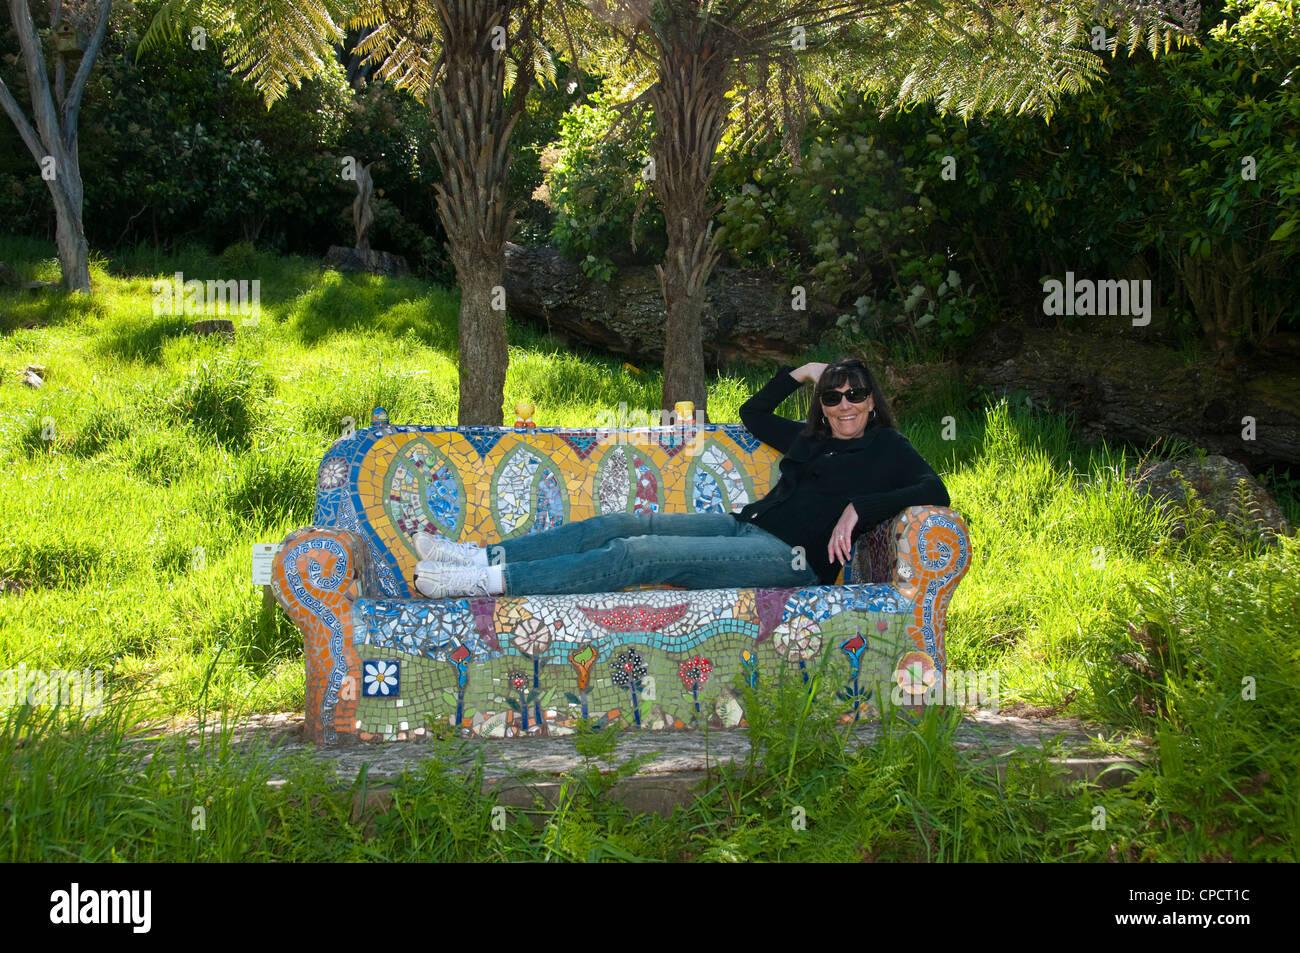 Neuseeland Südinsel Frau entspannende Lodge Resort Lochmara auf bunten Stein künstlerische couch Stockbild